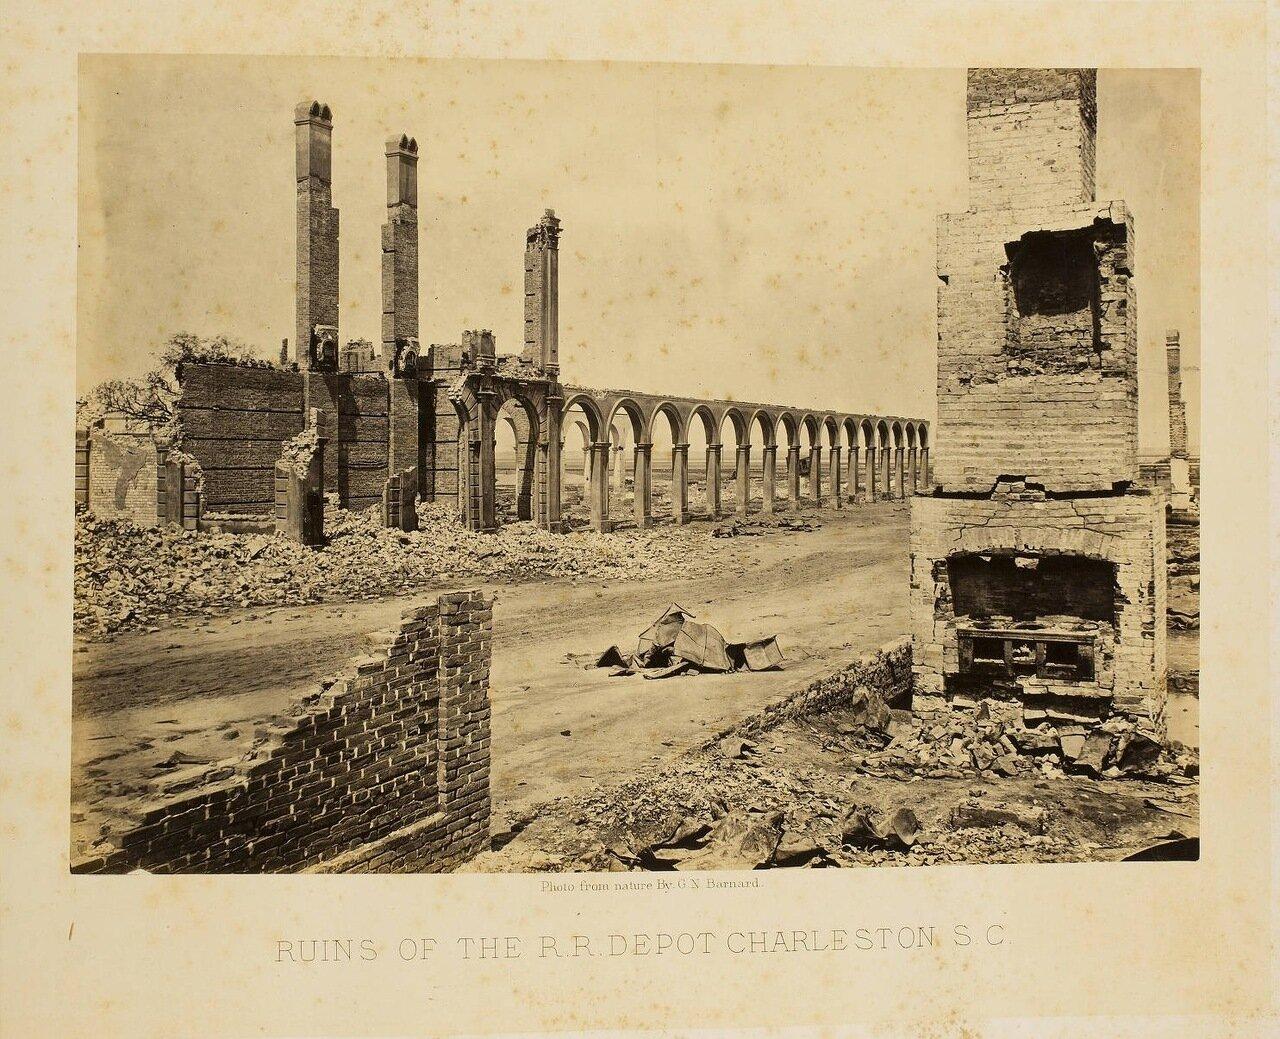 Развалины железнодорожного депо в Чарльстоне, Южная Каролина